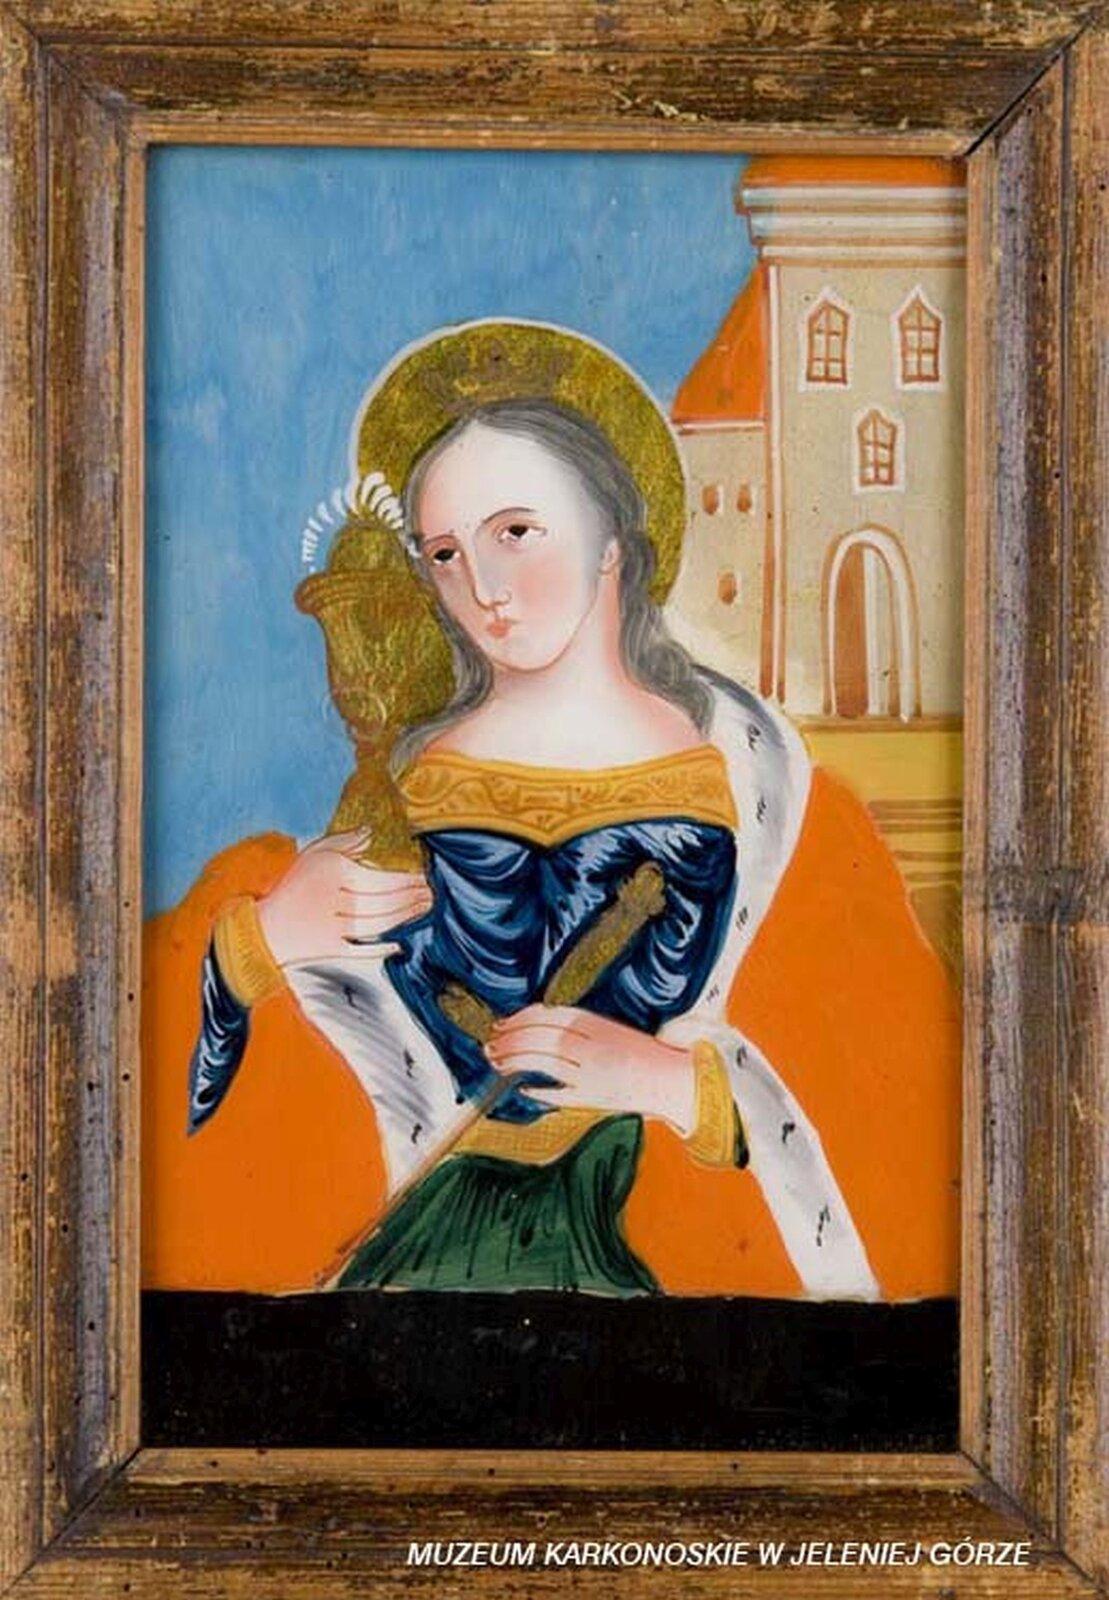 Ilustracja przedstawia malowidło na szkle, które ukazuje świętą Barbarę, która wdłoniach trzyma symbole Eucharystii - kielich iserce otoczone promieniami. Lewą dłonią trzyma rękojeść miecza przypiętego do boku. Wokół głowy znajduje się nimb, ajej strój jest dostojny - ma na sobie dekorowaną złotym ornamentem niebieską suknię iczerwony płaszcz obszyty gronostajowym futrem. Wtle znajduje się fragment kościoła.